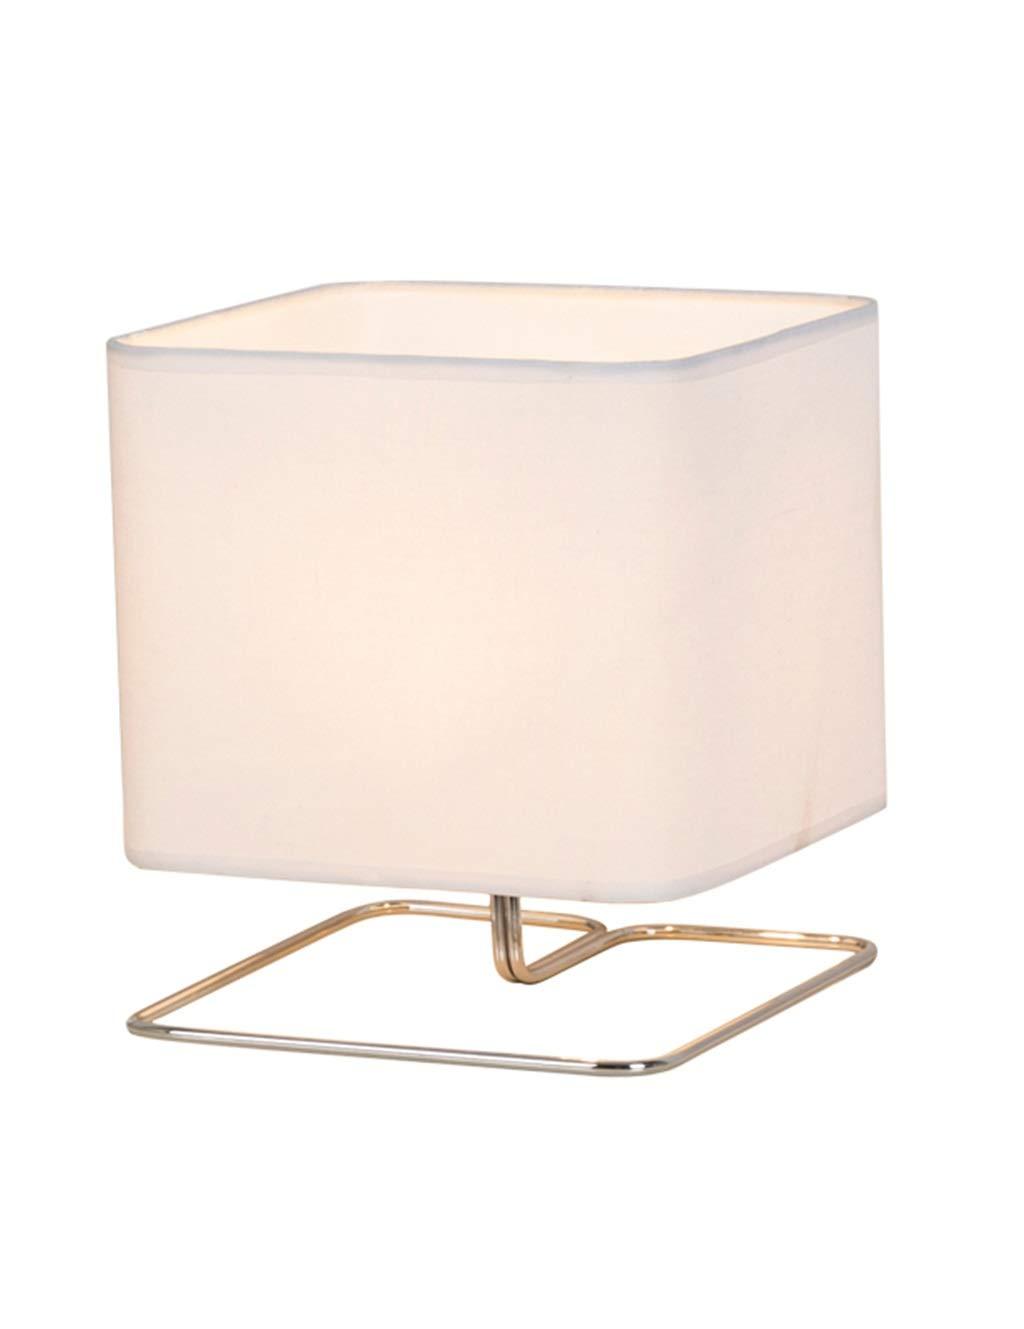 Meters Tischleuchte   Verstellbare Tischlampe Dekoration Tischlampe Einfache Nachttischlampe - Ideal für Schlafzimmer und Wohnkultur